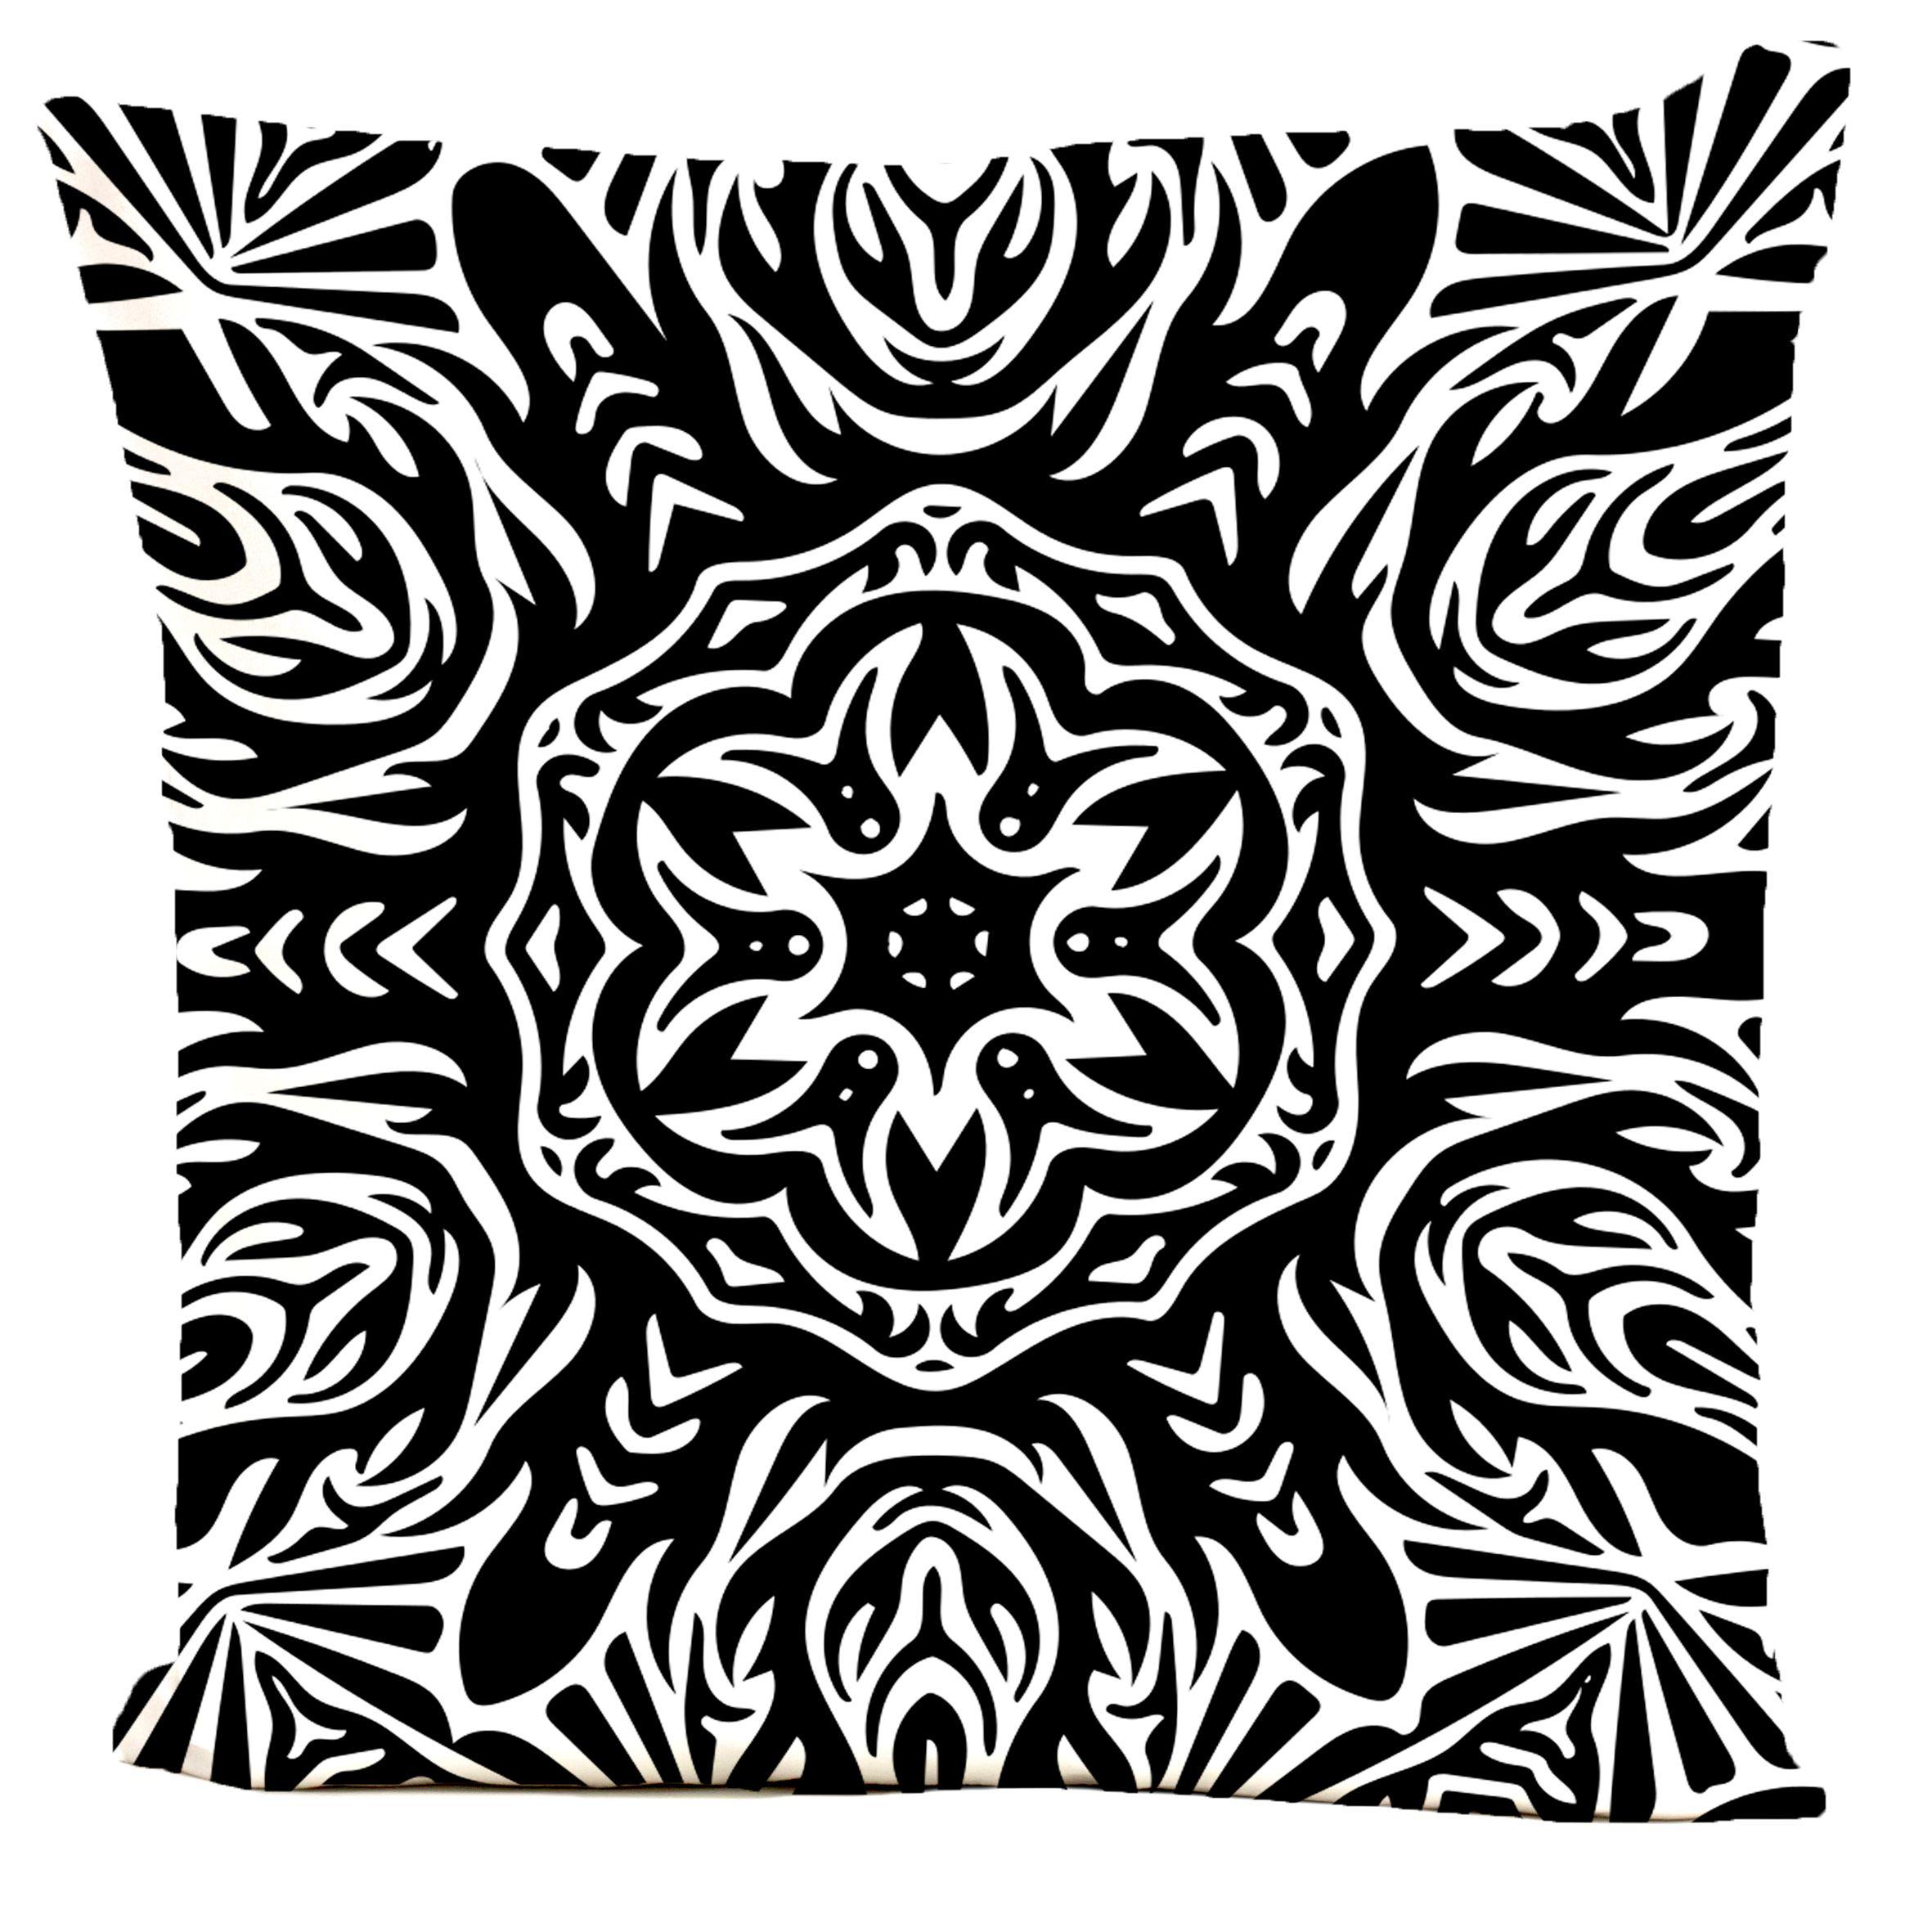 Coussin velours carré imprimé motifs noir et blanc 40x40